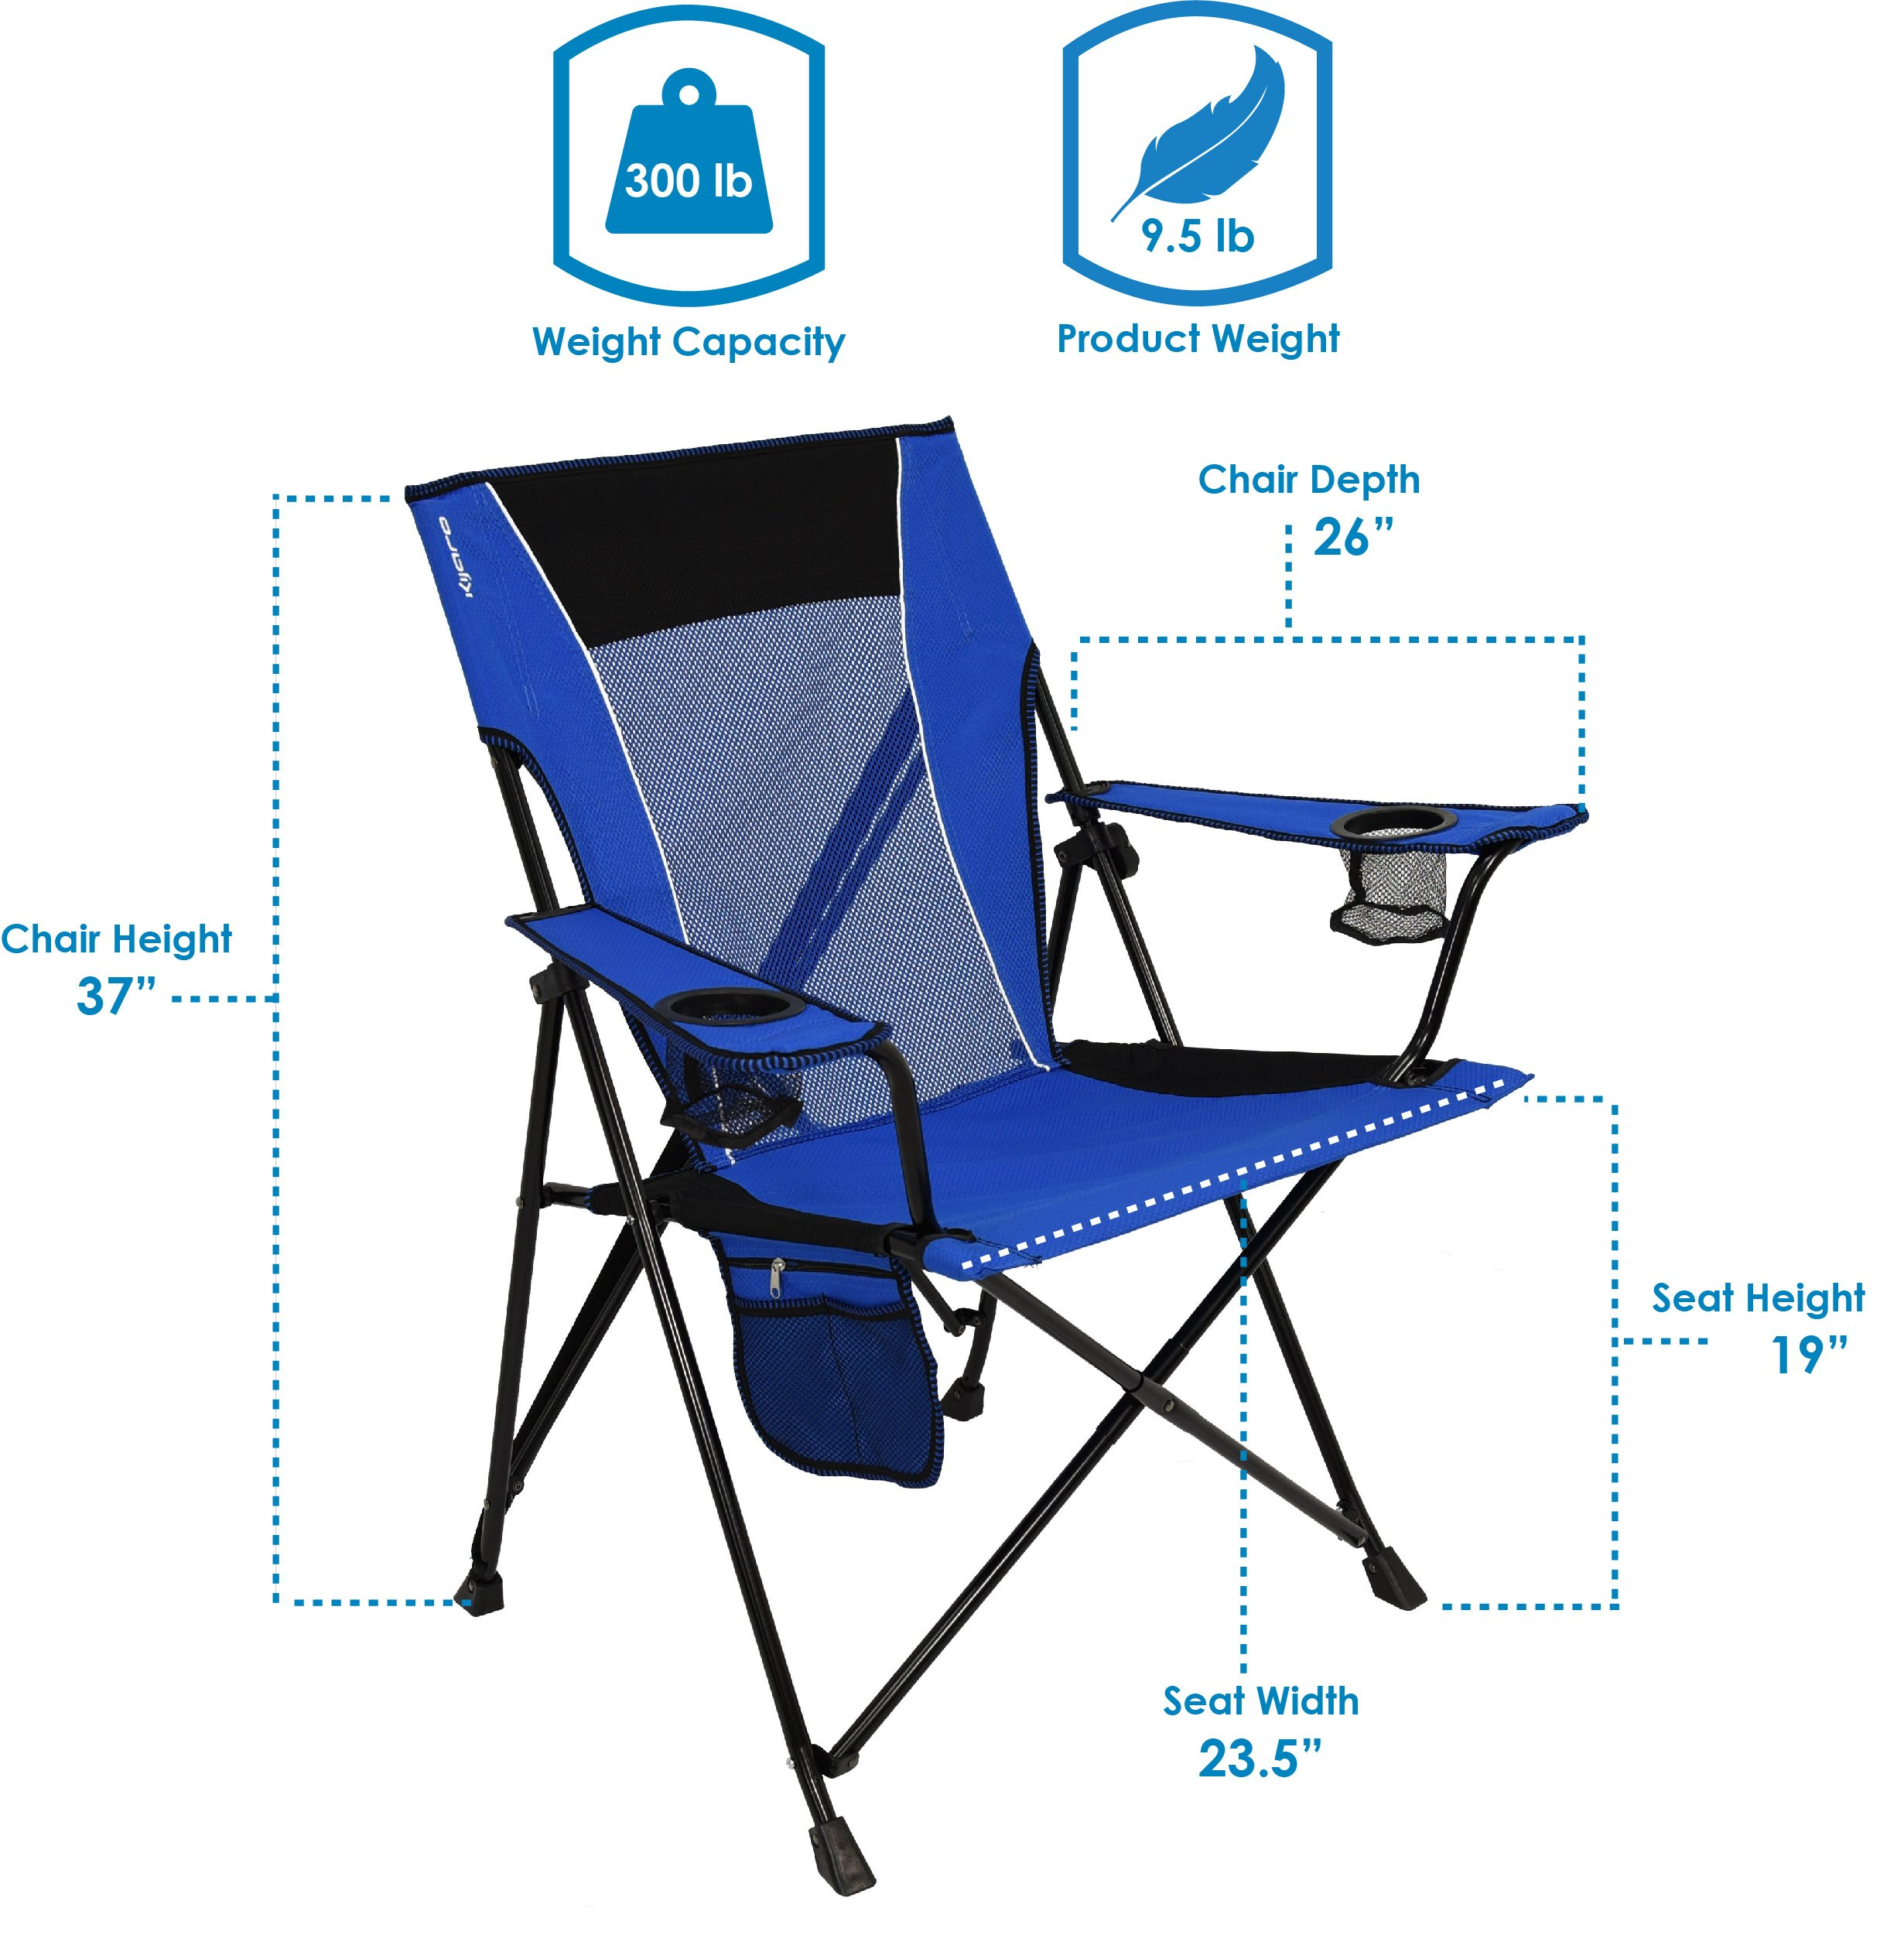 Kijaro Dual Lock Portable Camping And Sports Chair Aaron